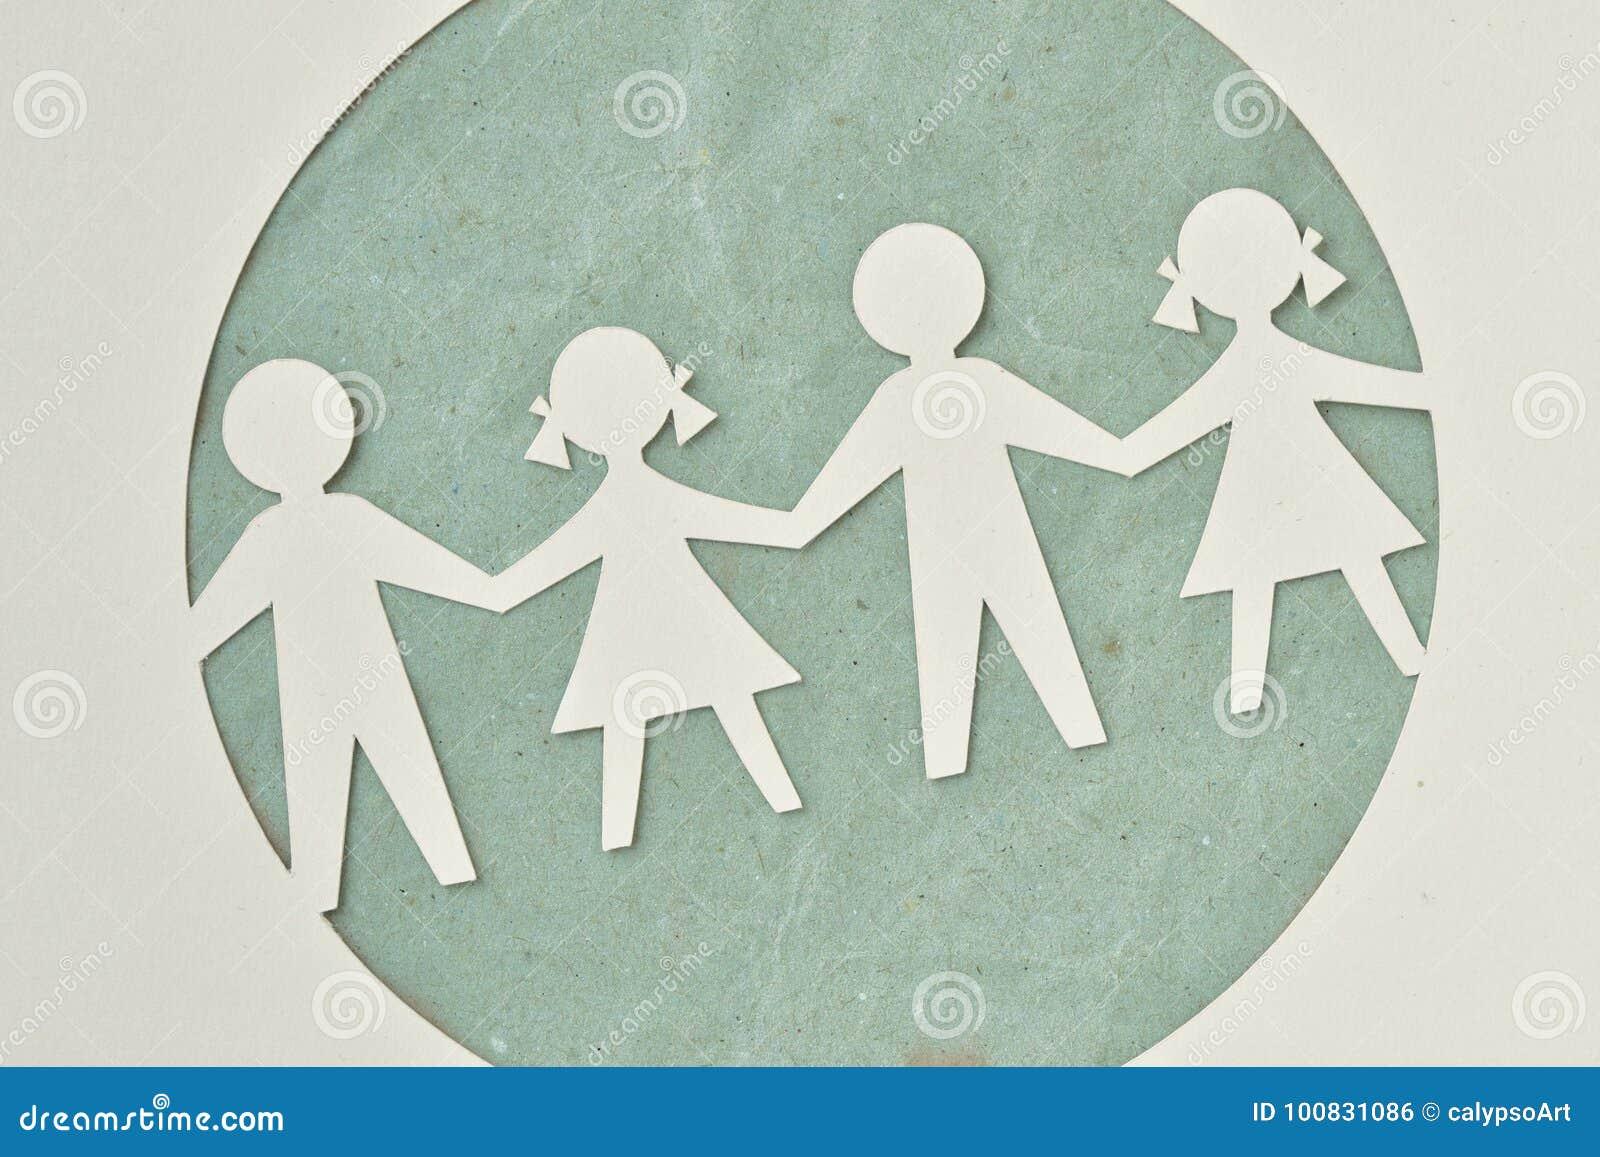 Siluetta di carta dei bambini - ecologia e responsabilità sociale